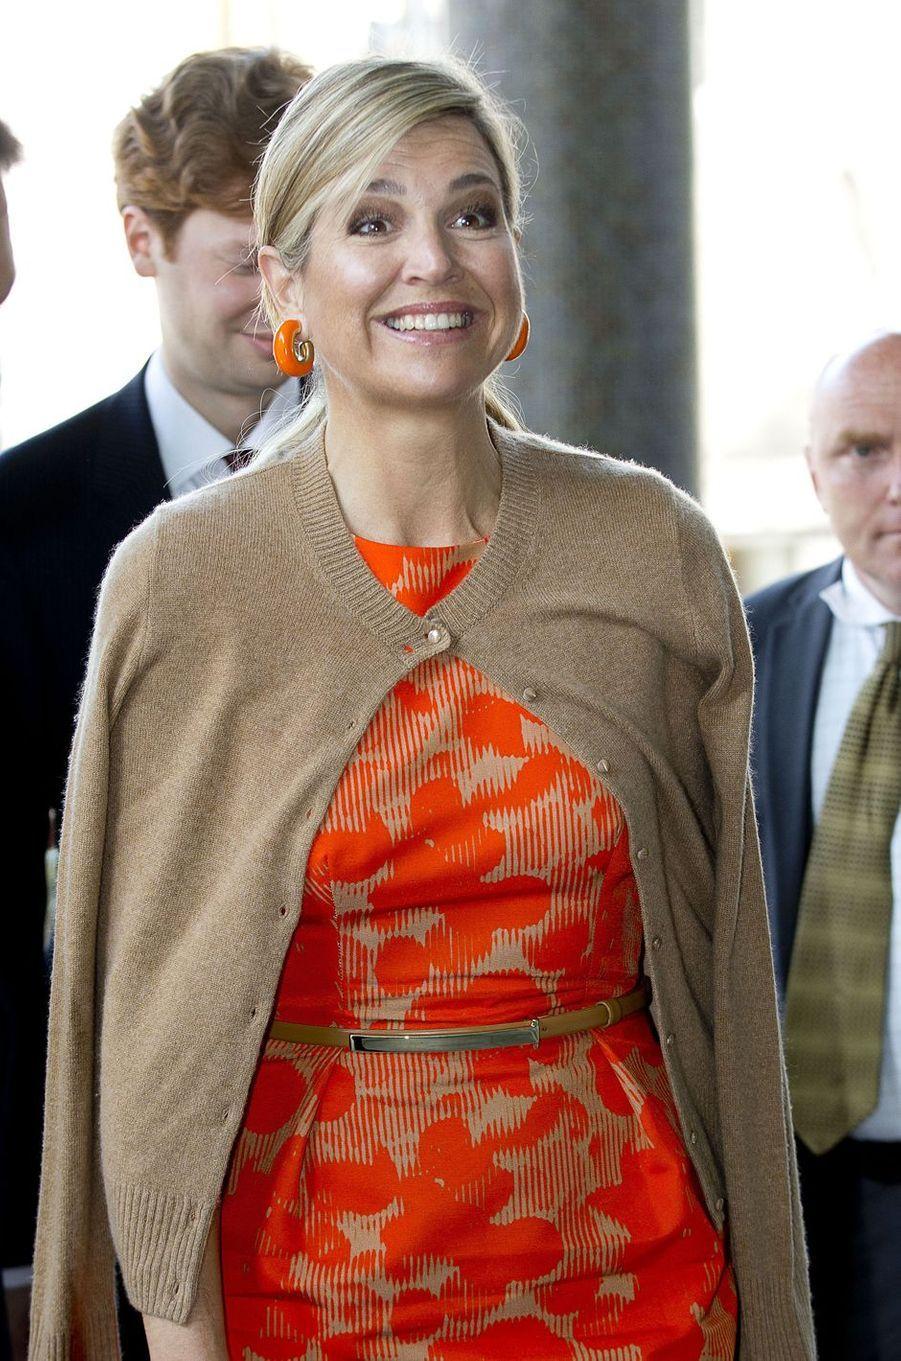 Ce mercredi 11 mai, la reine Maxima des Pays-Bas arborait à la Conférence sur le Climat à Rotterdam un bien original sac en laine orange et beige comme sa tenue.